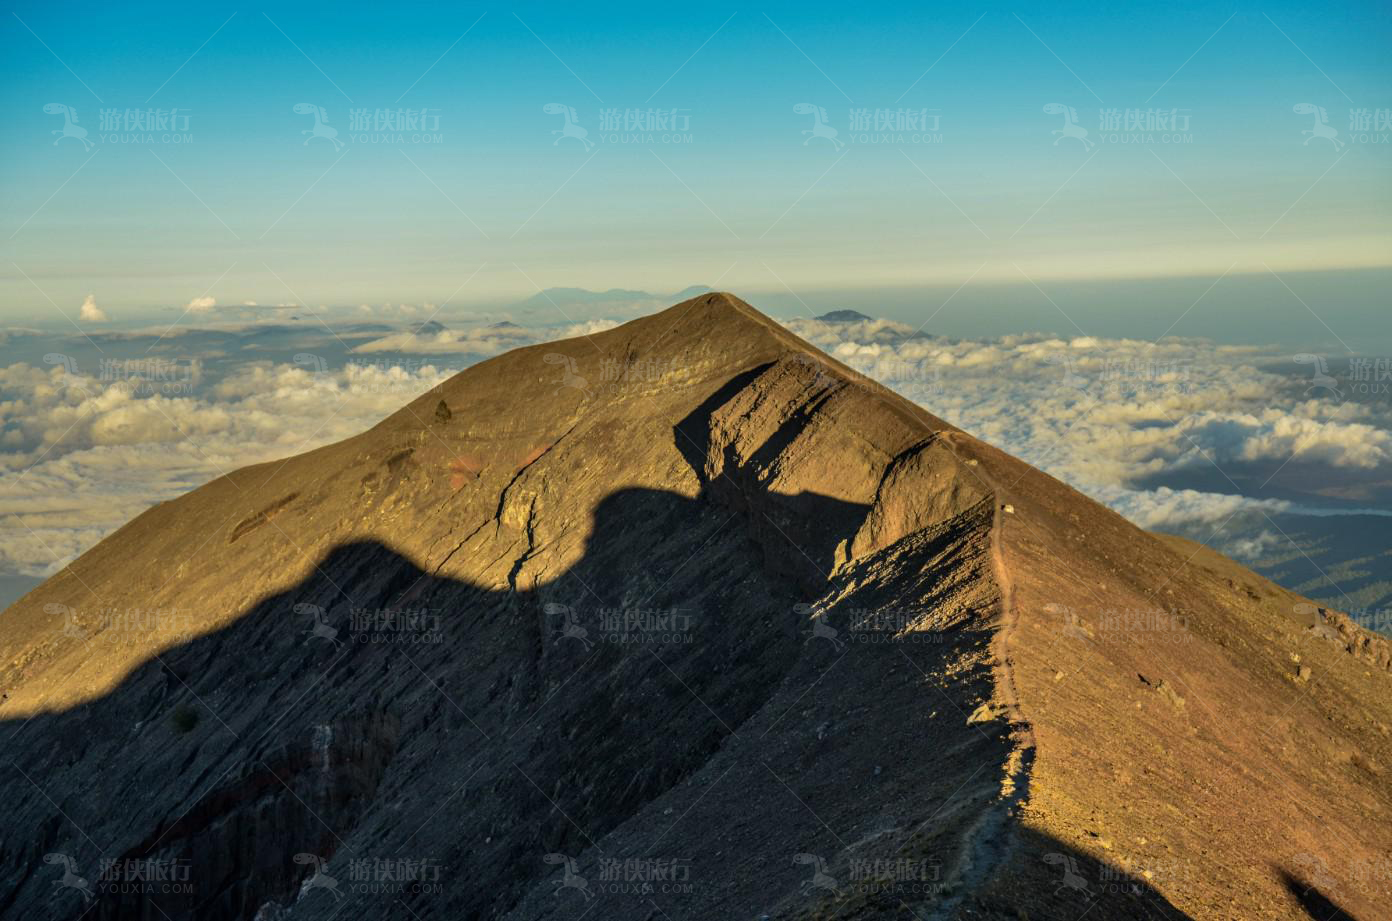 巴厘最高山峰阿贡火山